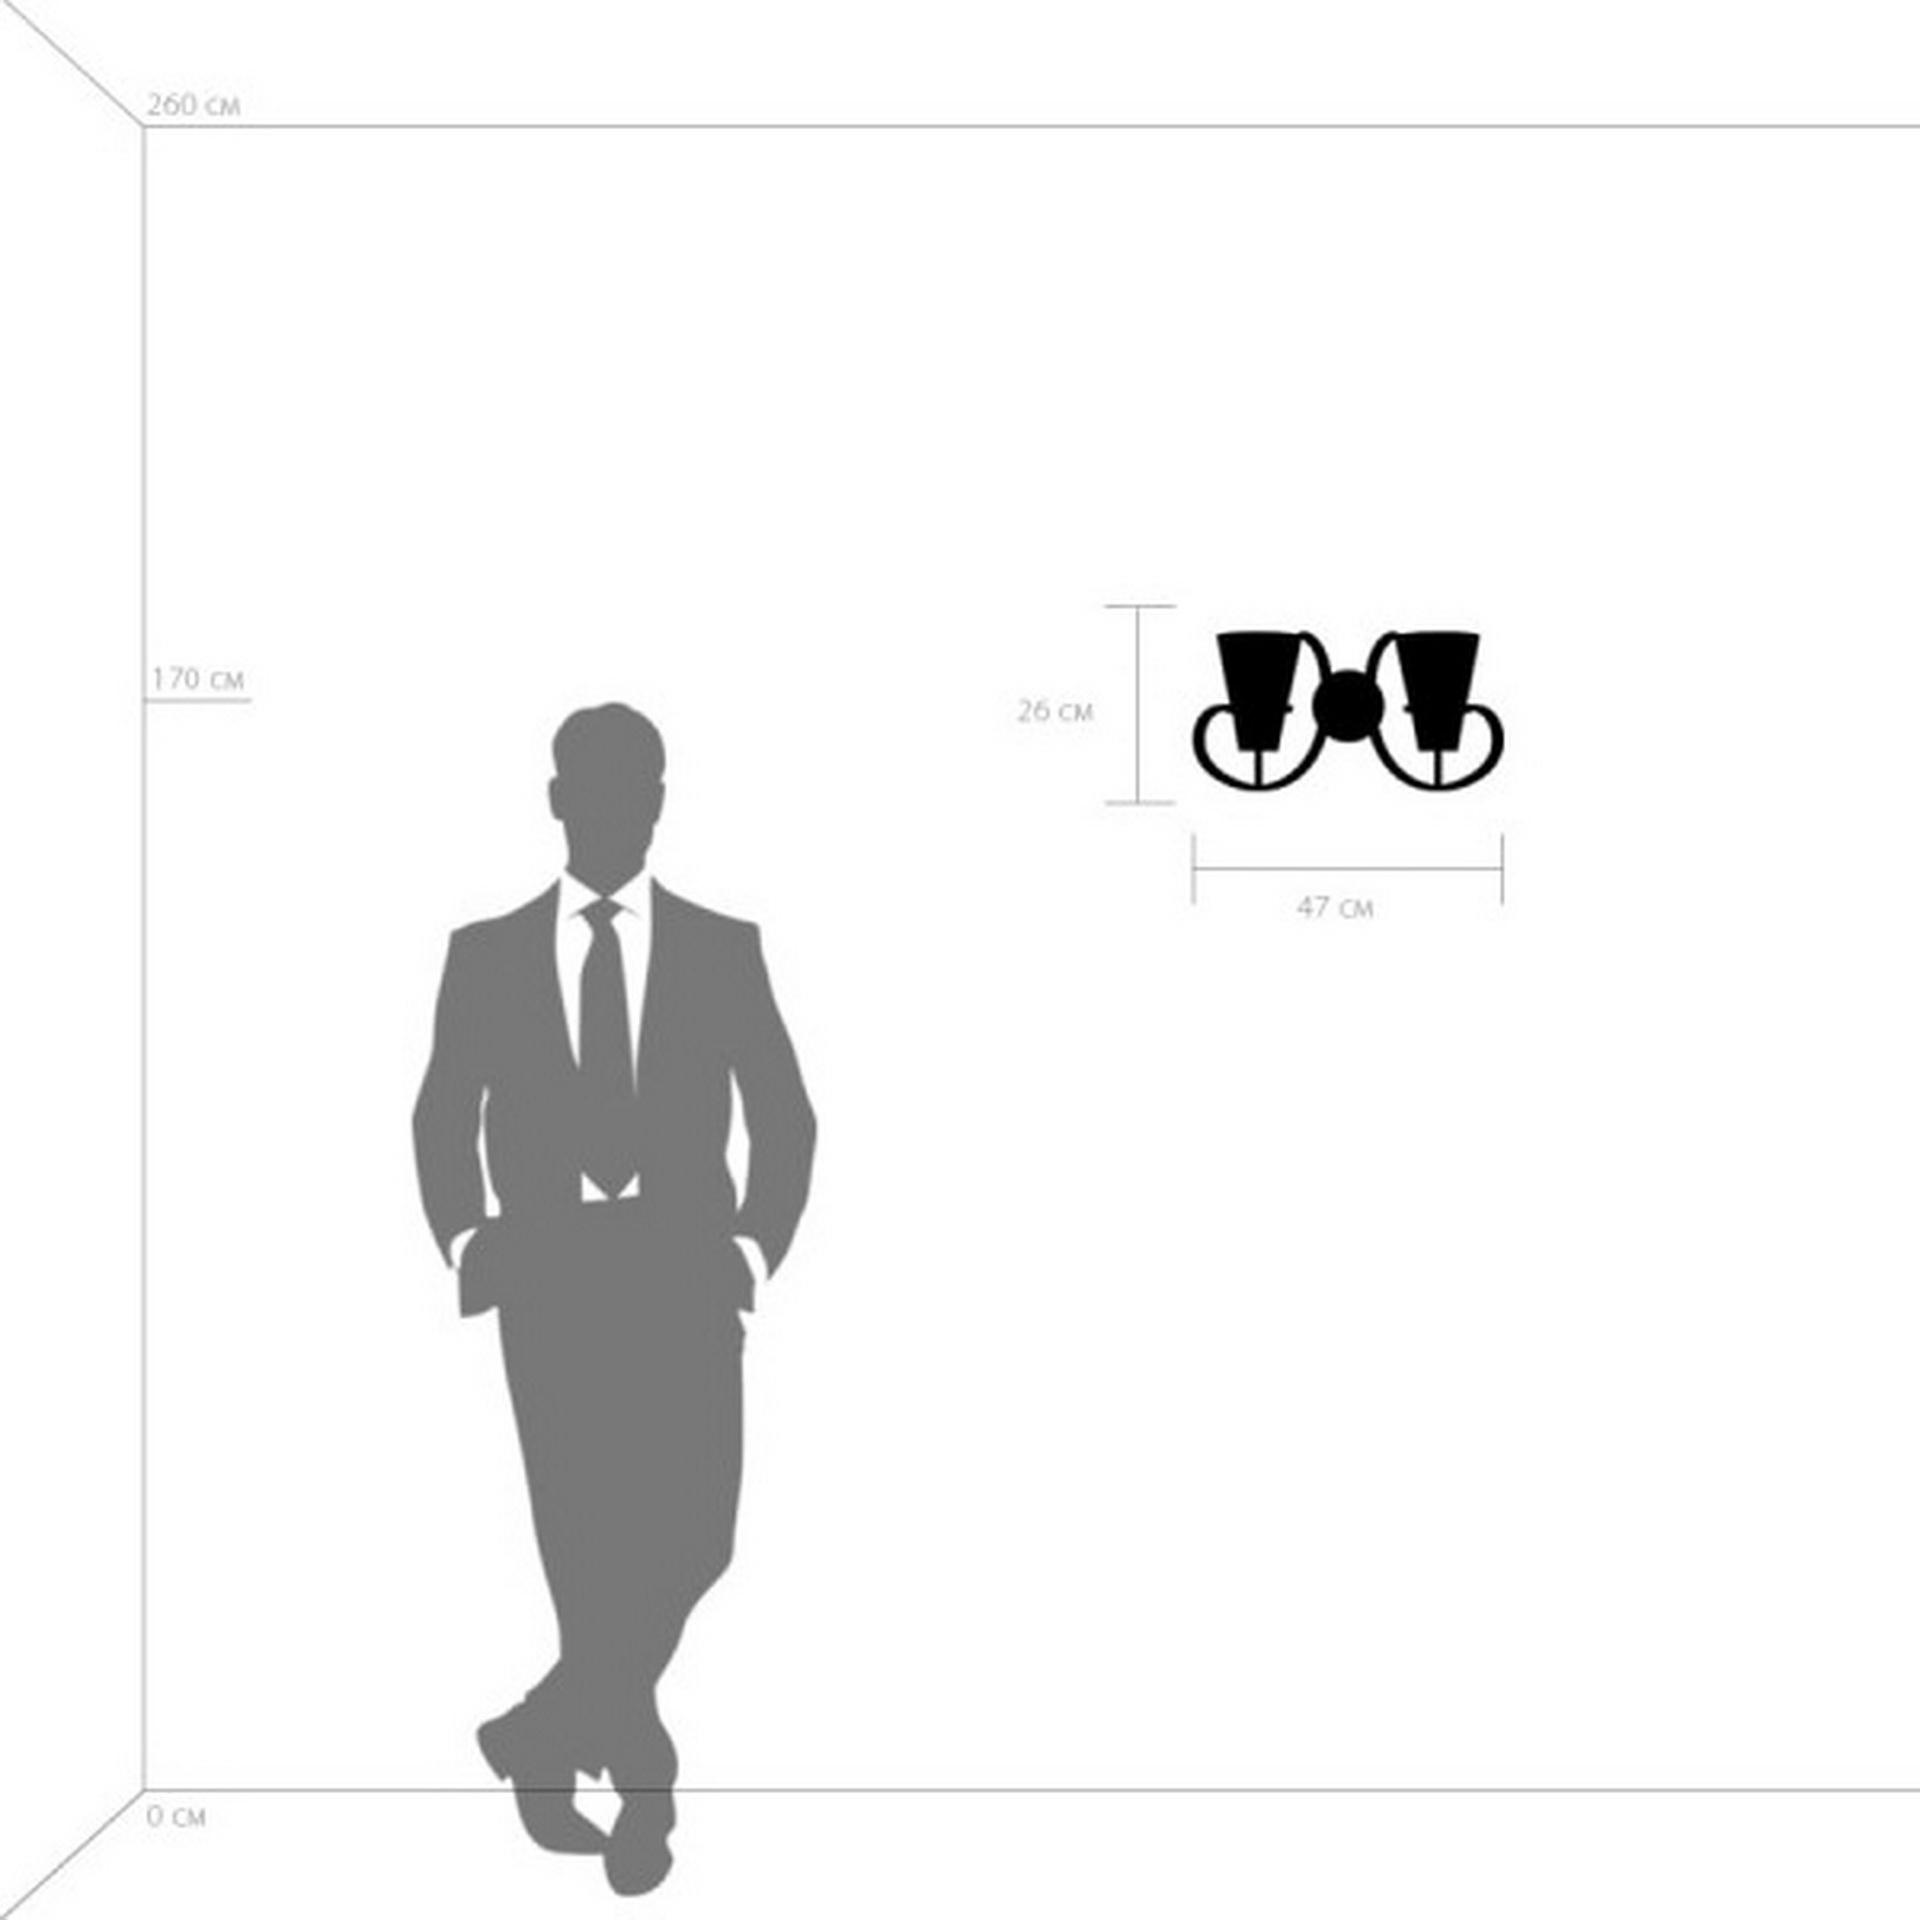 Бра FIACOLLA LightStar 733627 цвет - черный/белый, купить в СПб, Москве, с доставкой, Санкт-Петербург, интернет-магазин люстр и светильников Starlight, фото в жизни